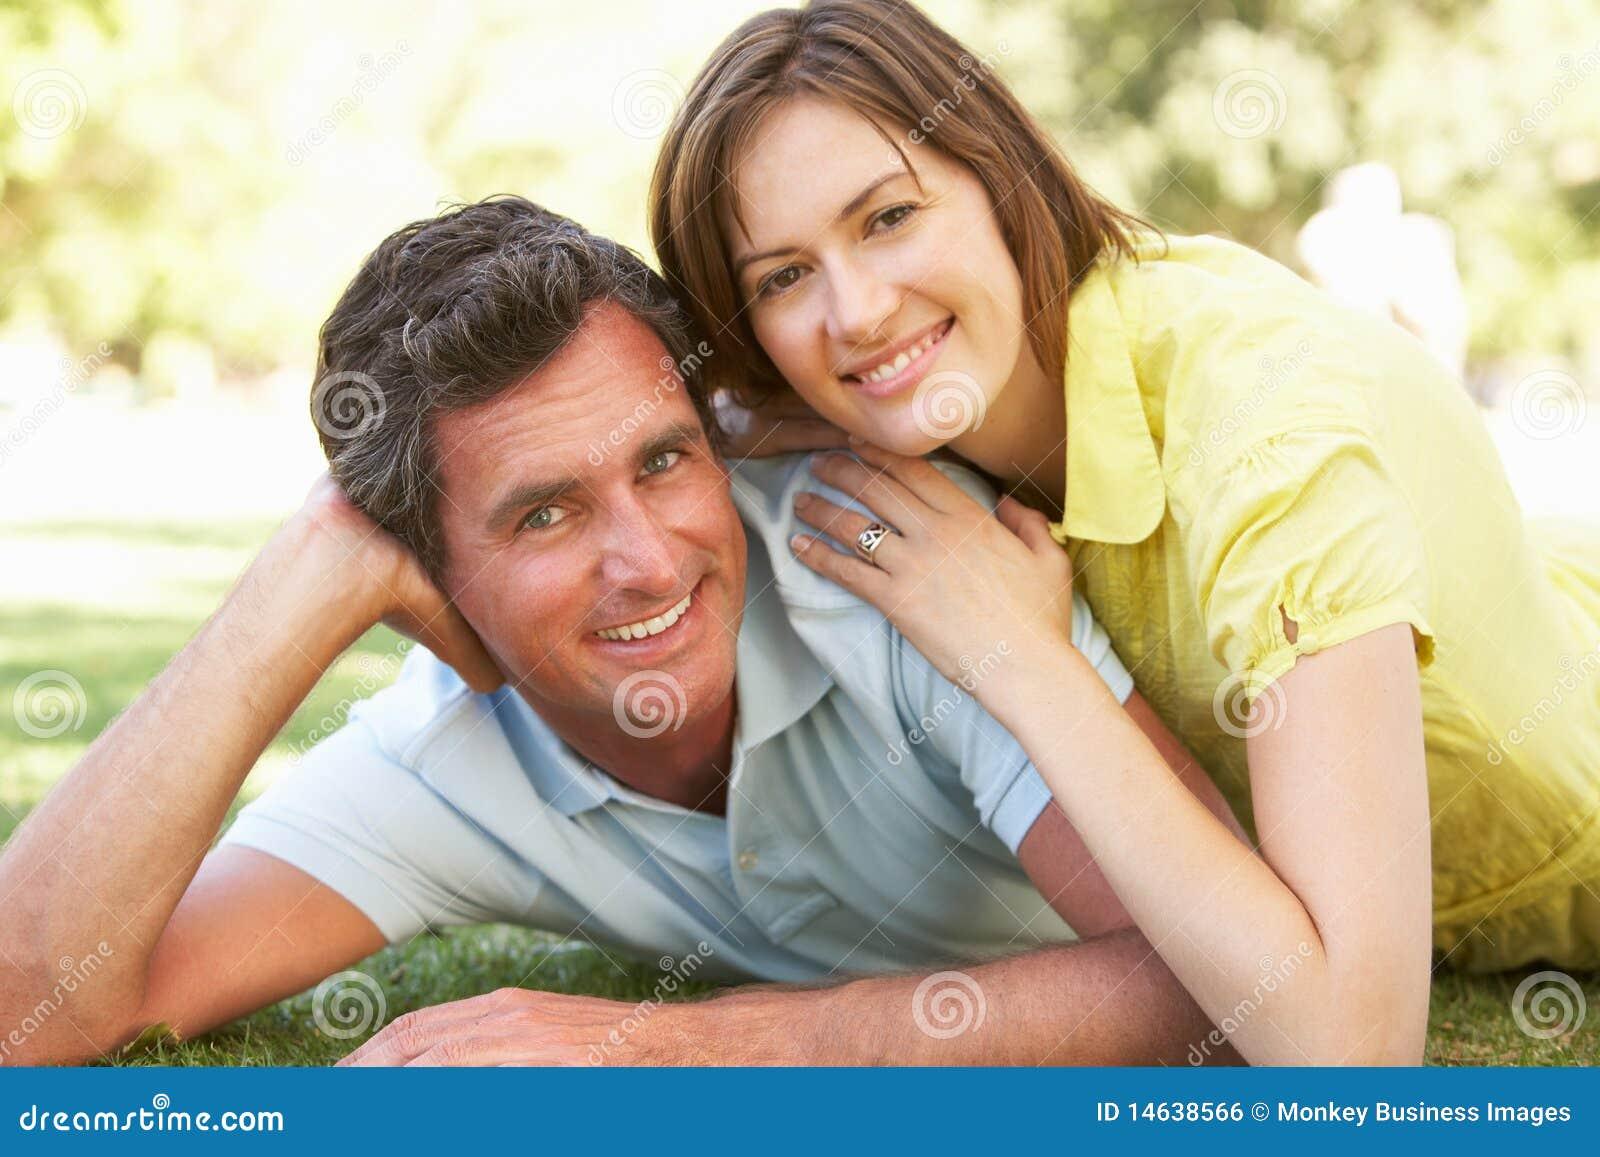 Фото жен отдыхающих без мужей 11 фотография